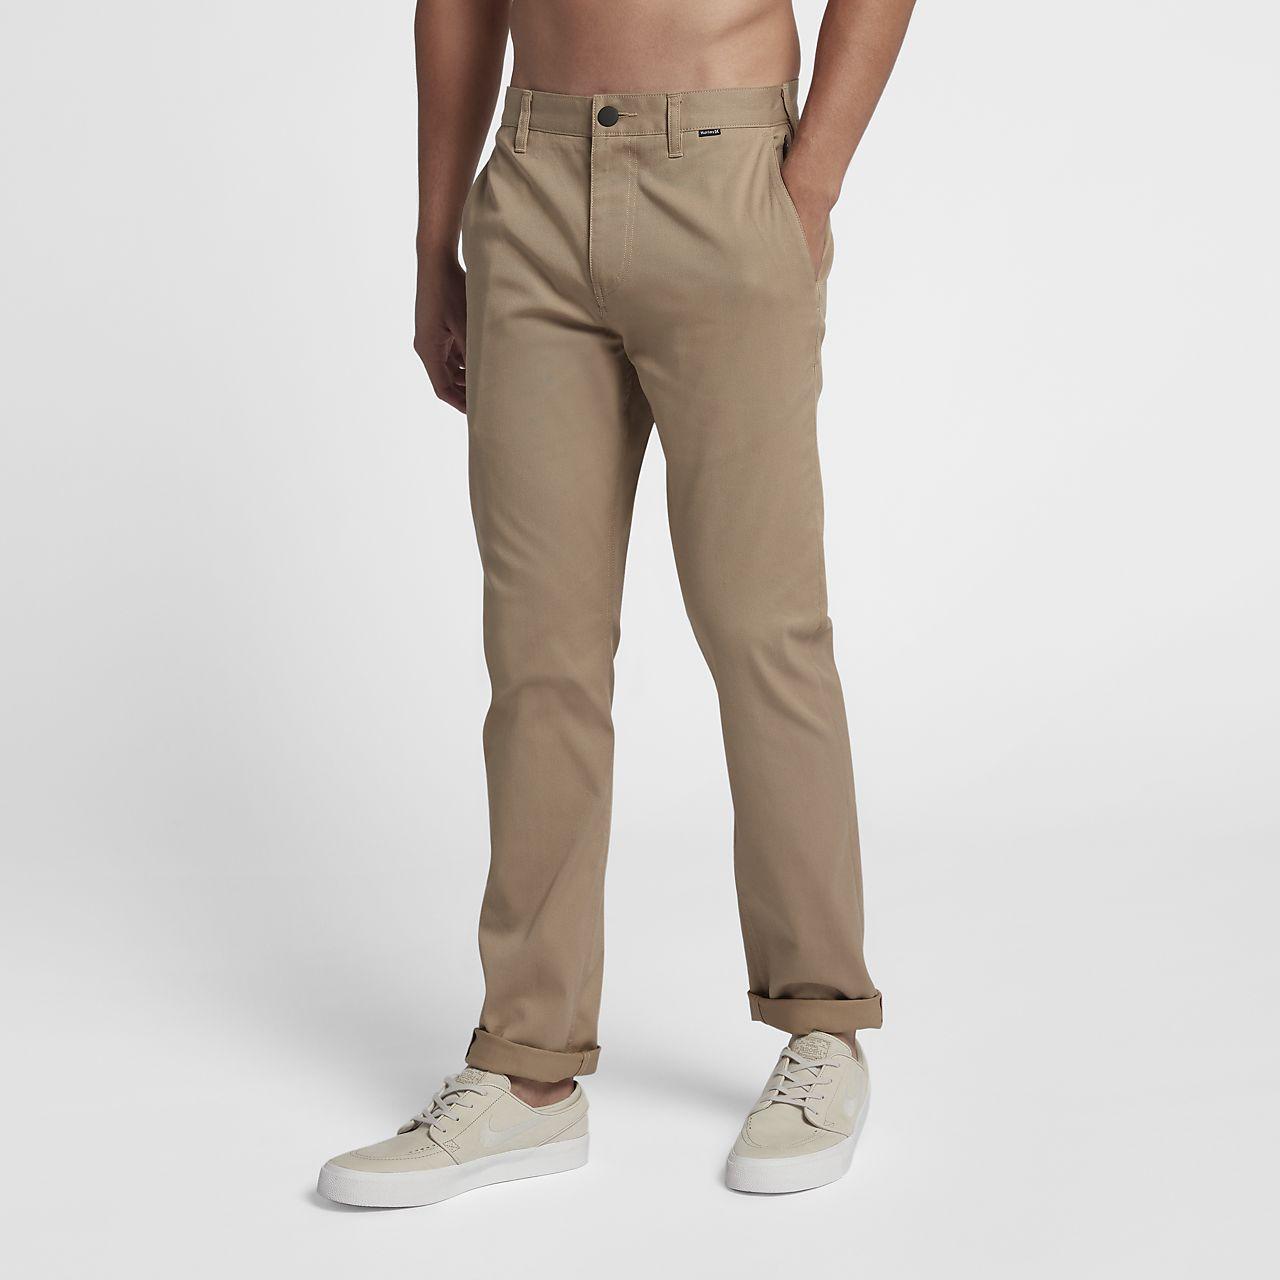 Pánské kalhoty Hurley Dri-FIT Worker